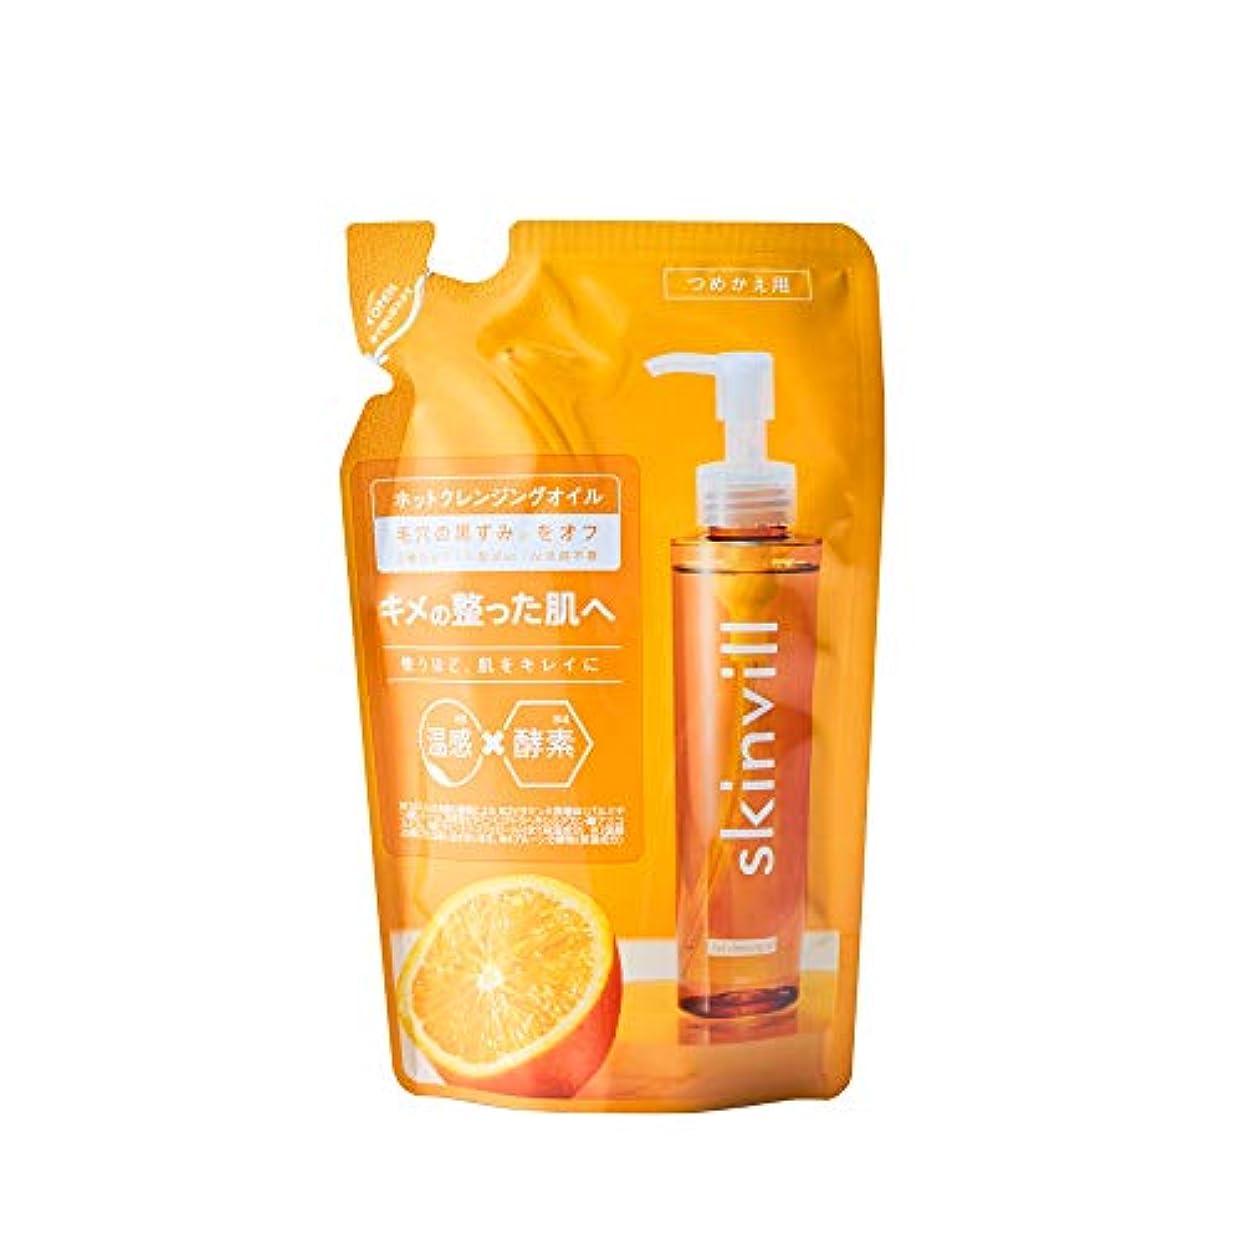 簡単な有害な脅威skinvill スキンビル ホットクレンジングオイル 詰め替えパウチ 130mL シトラスオレンジの香り